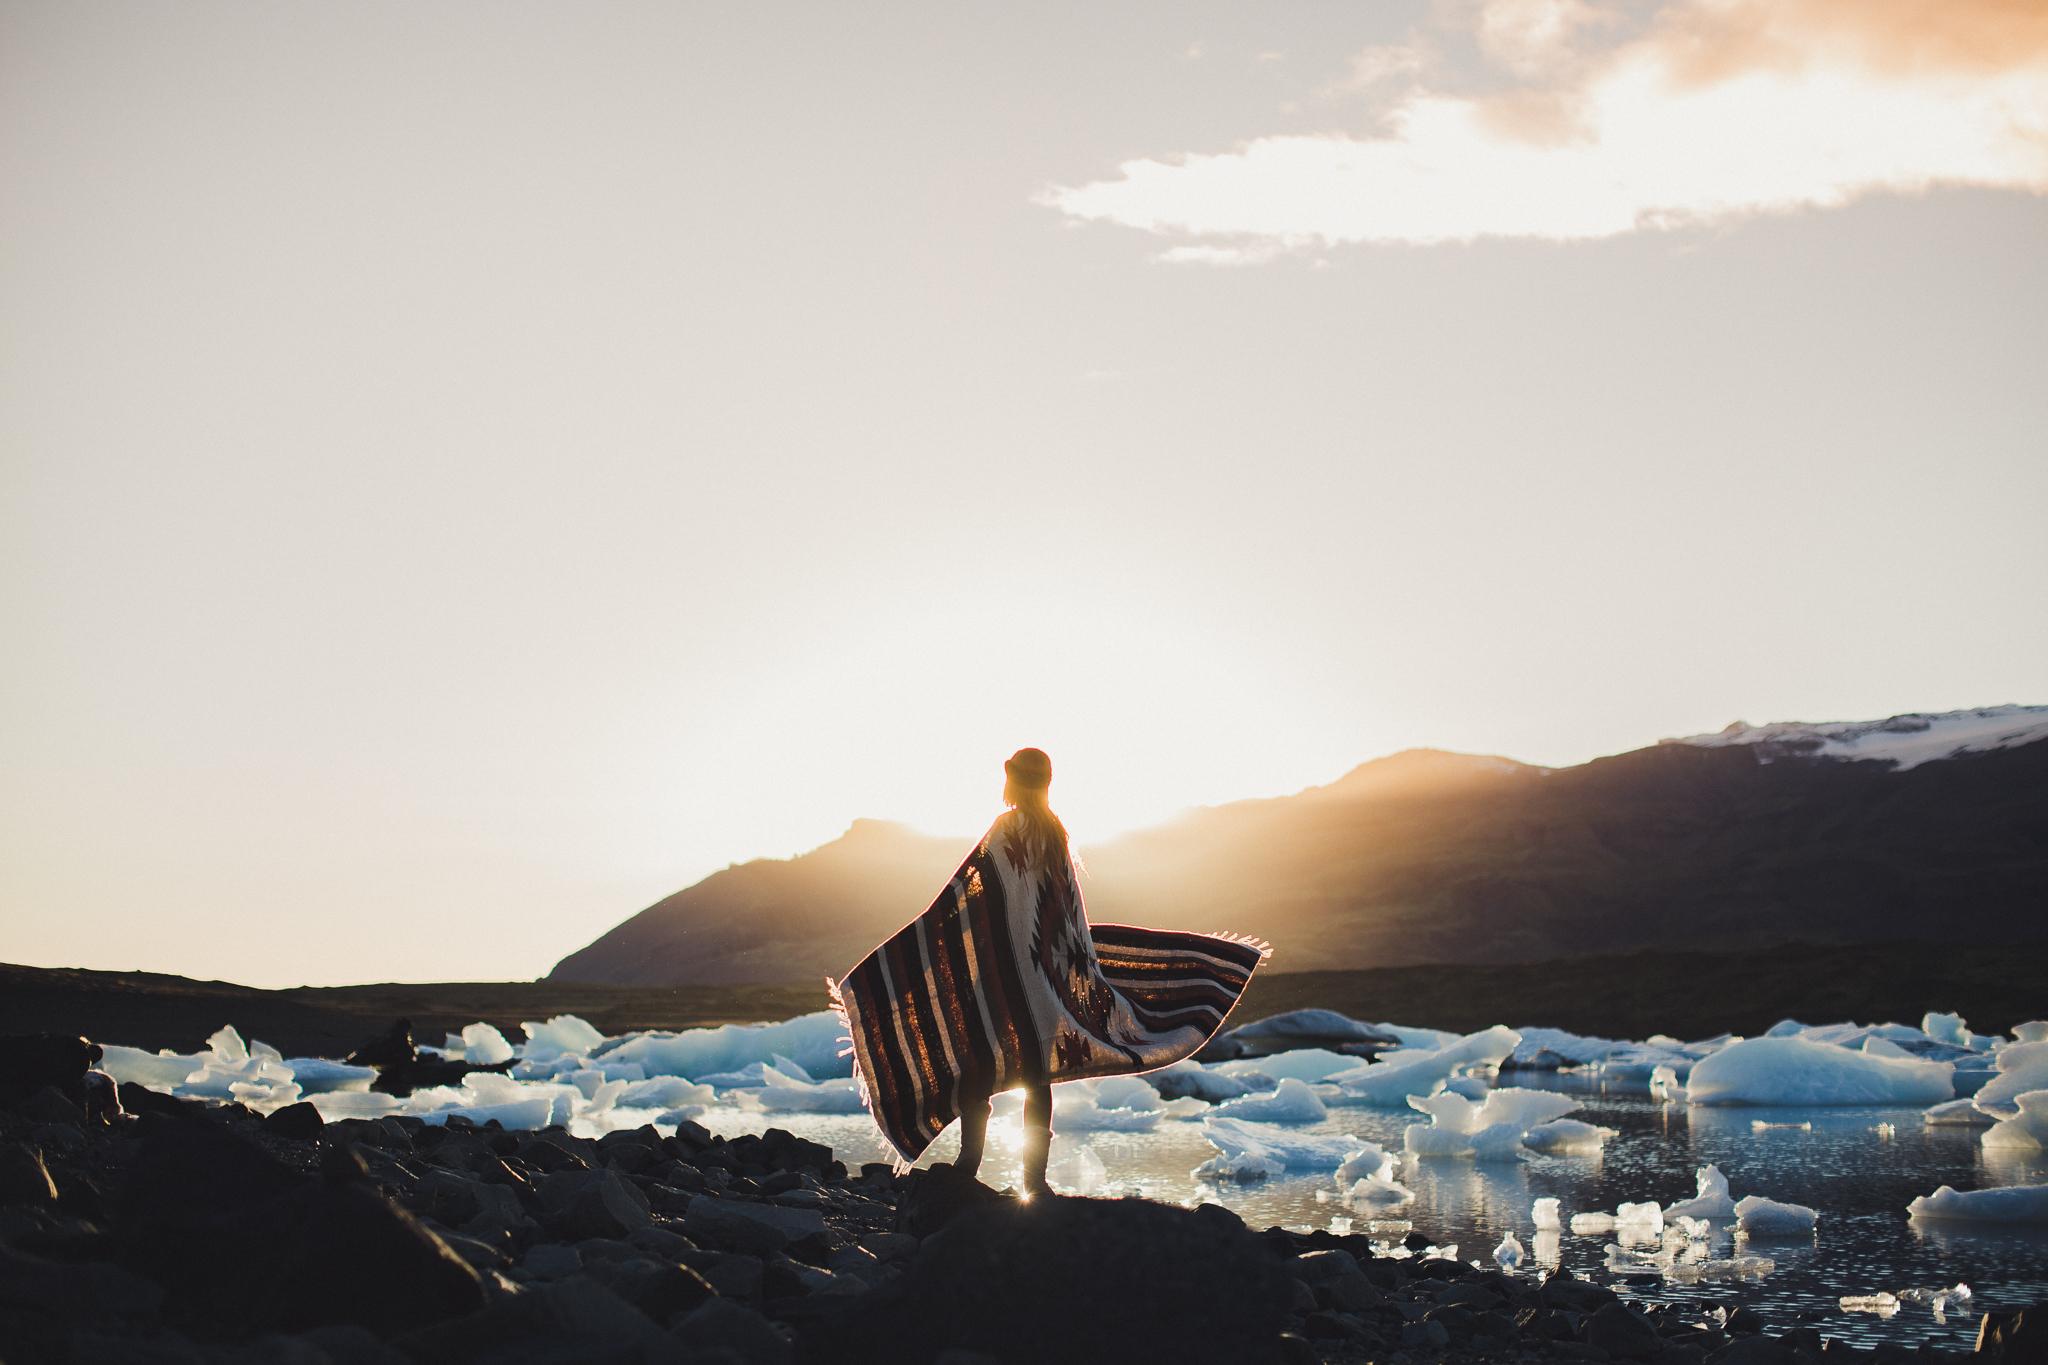 Iceland_BEC 051 [Image by Jarrad Seng].jpg